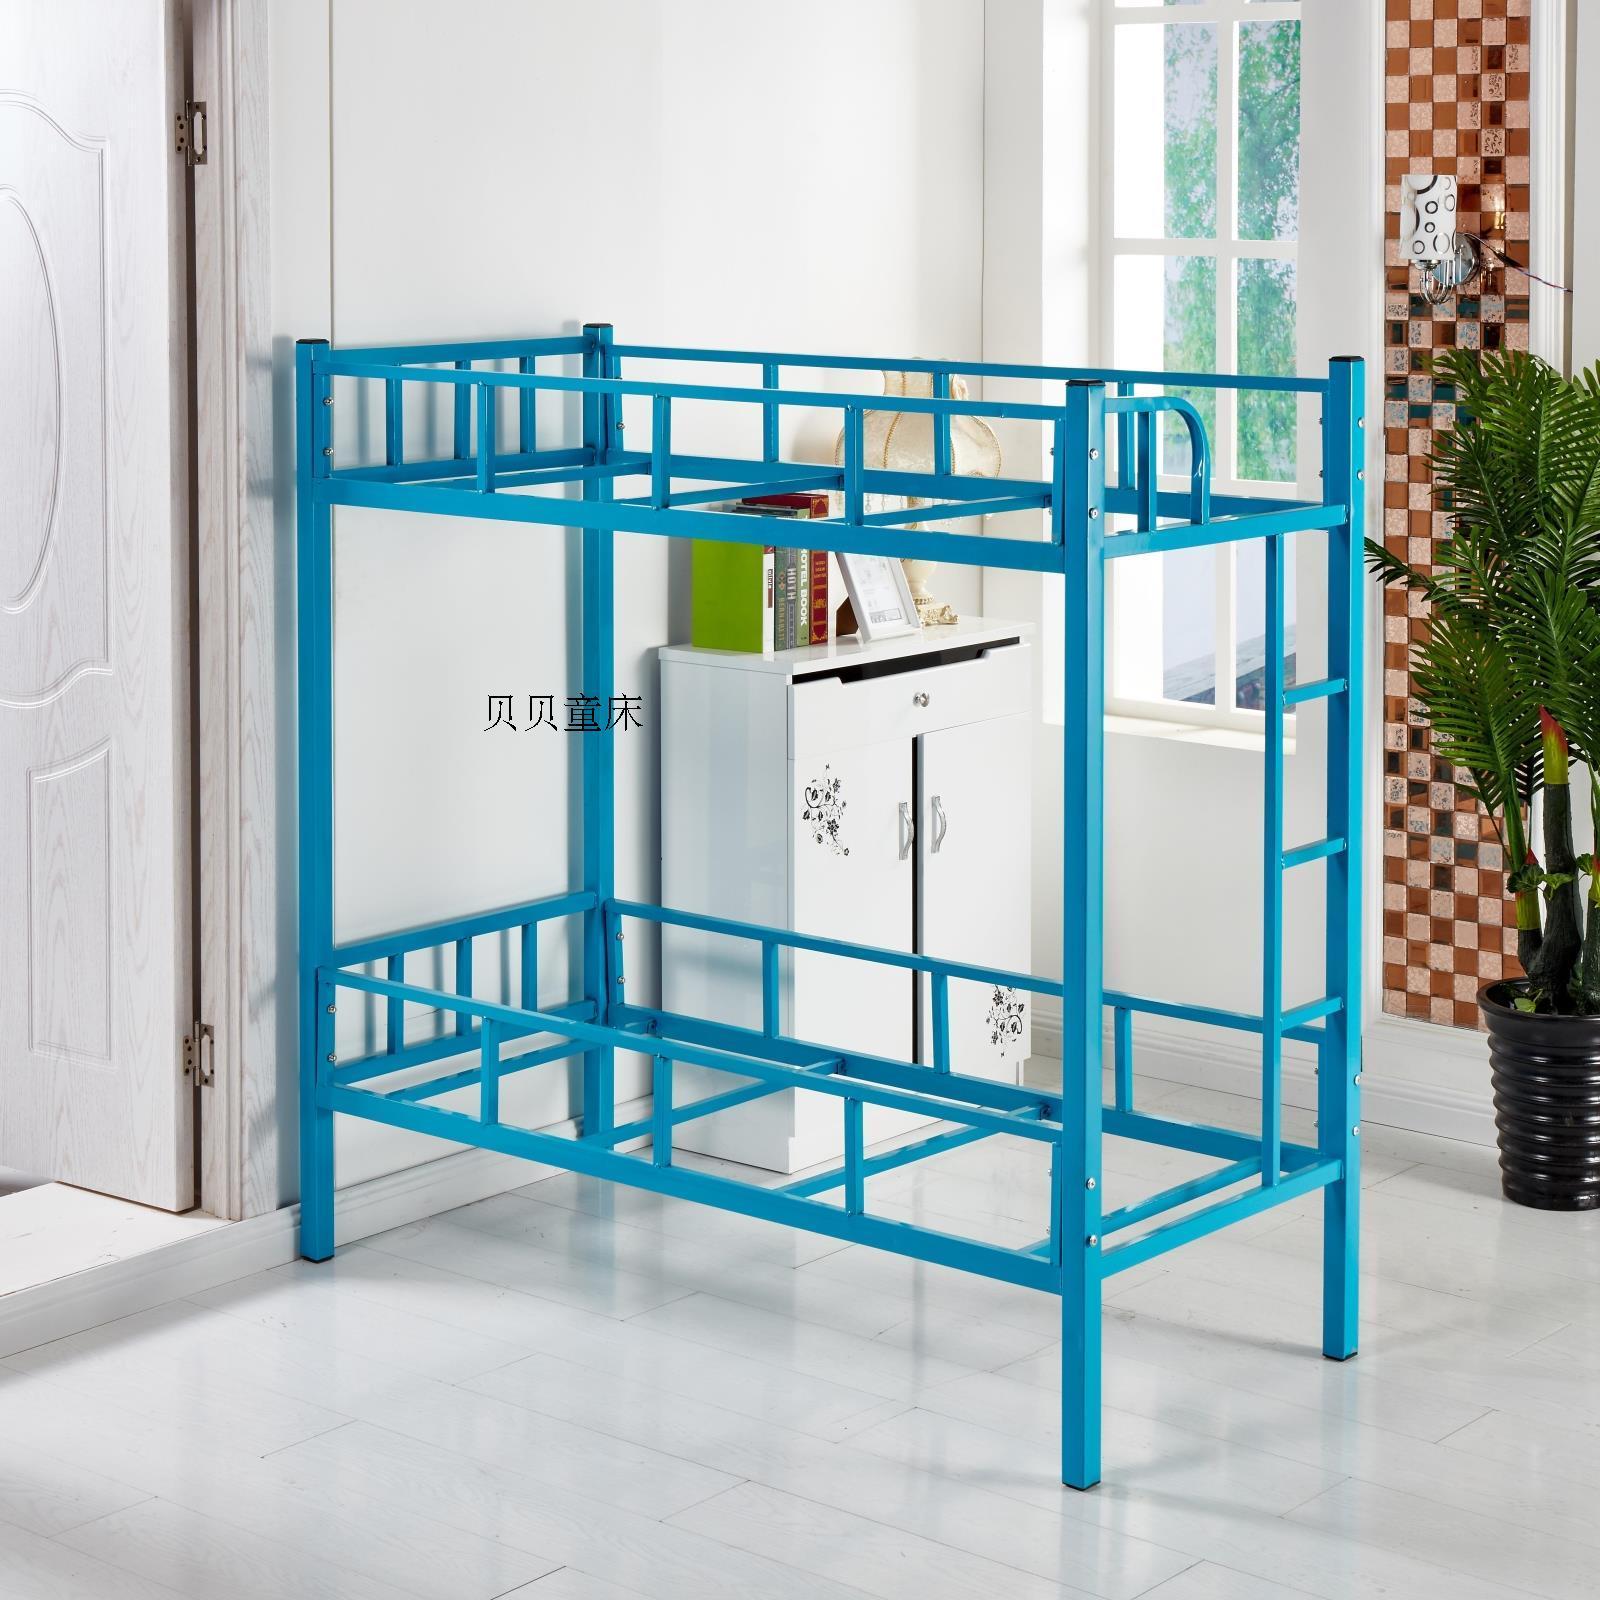 幼儿园专用床儿童床午休床双层床上下铺铁床午托班学生床宿舍用床